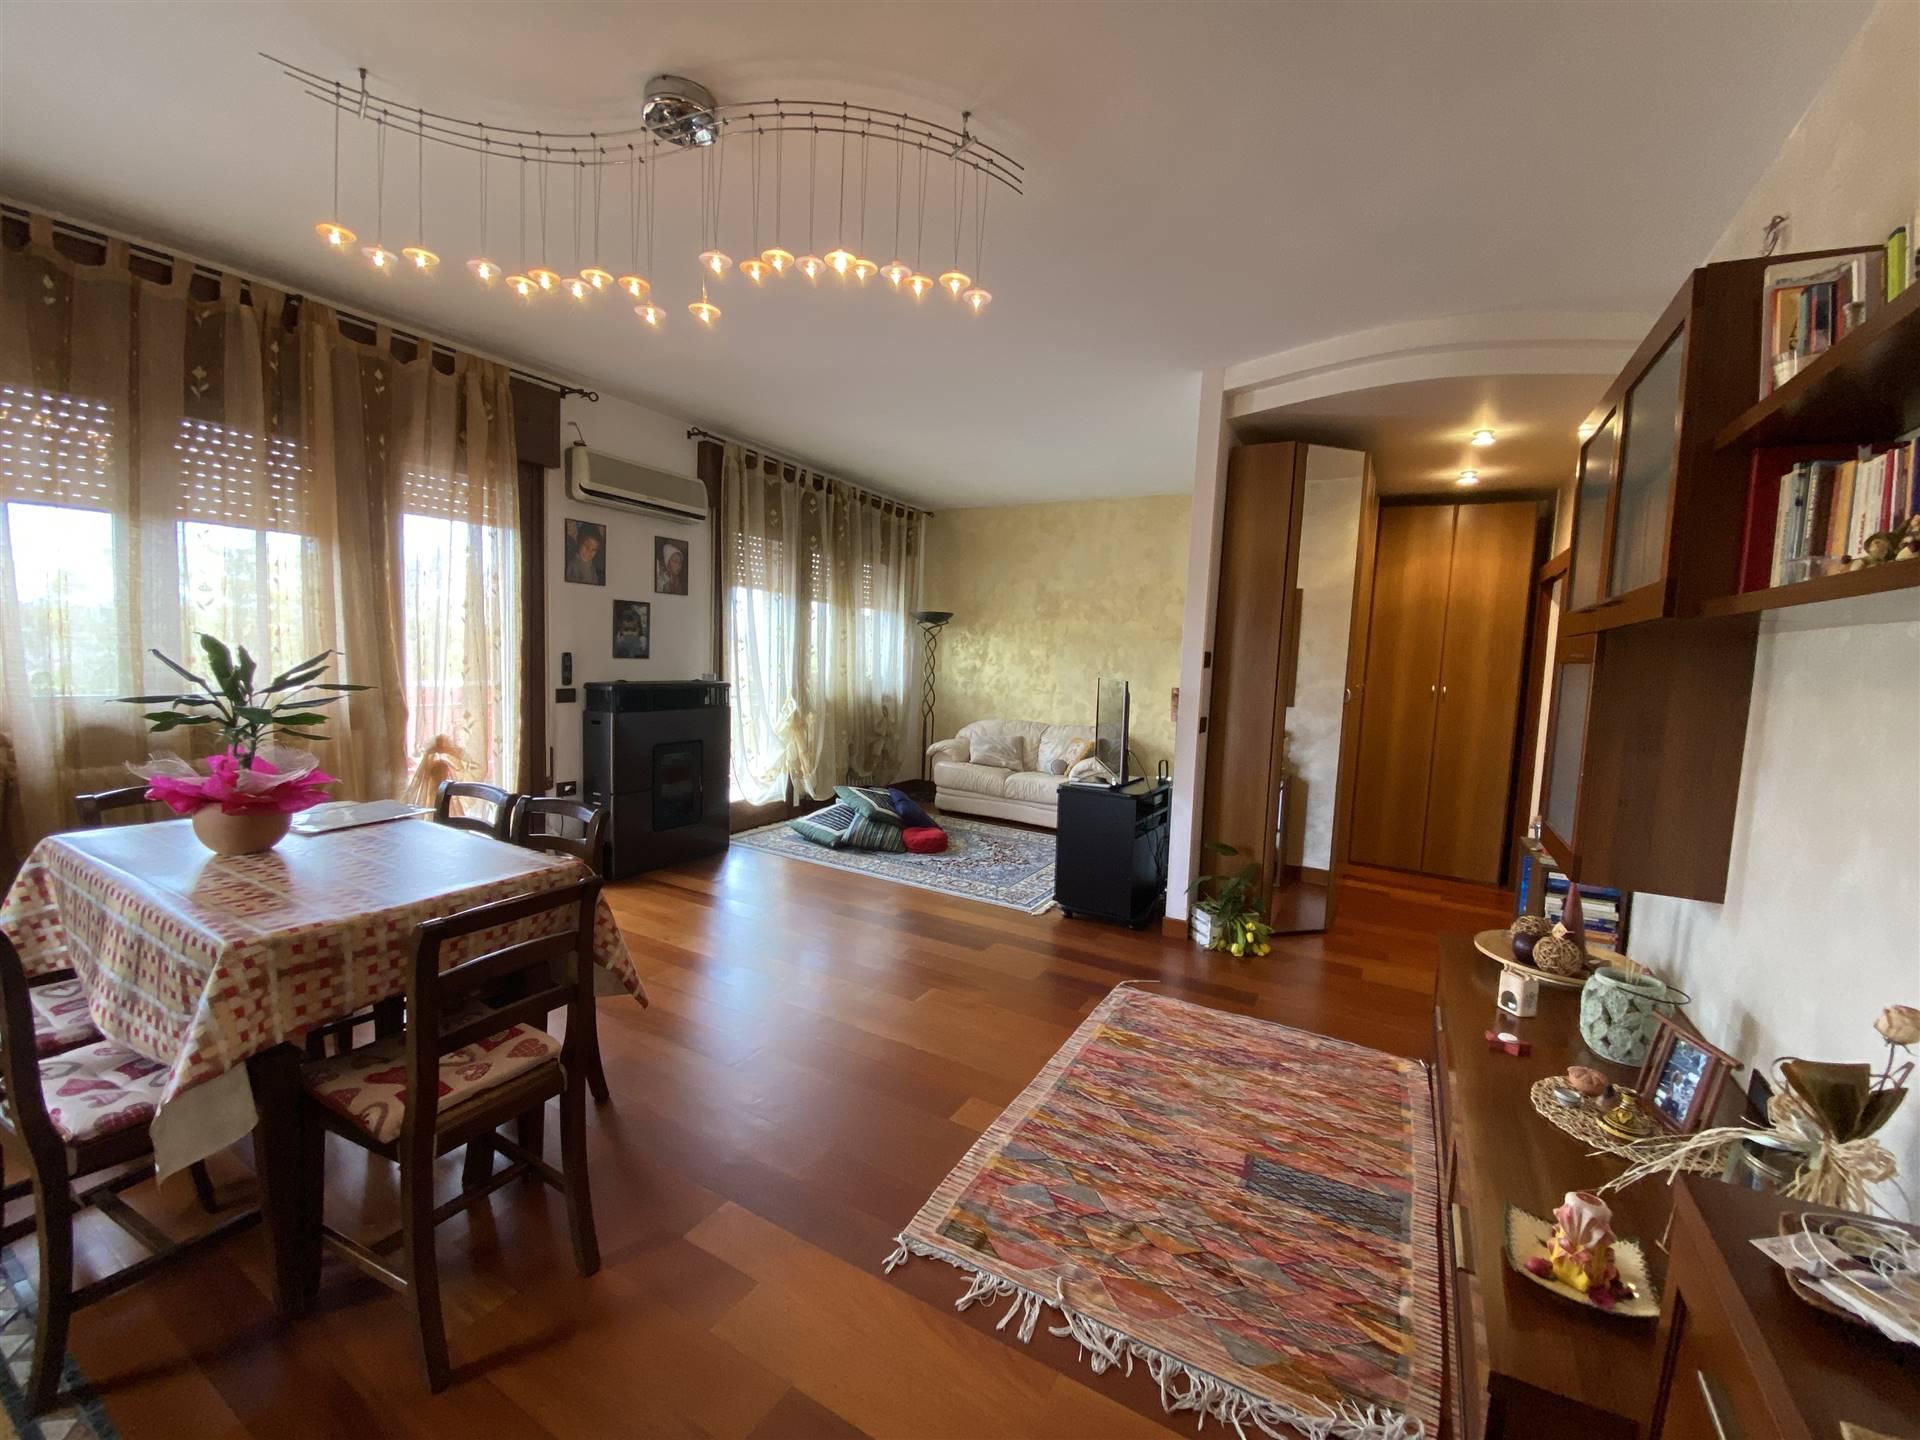 Rif. B247 SANT'ANNA: Vendesi appartamento di 70 mq, in una piccola palazzina di sole due unità, senza spese condominiali, composto ampio soggiorno